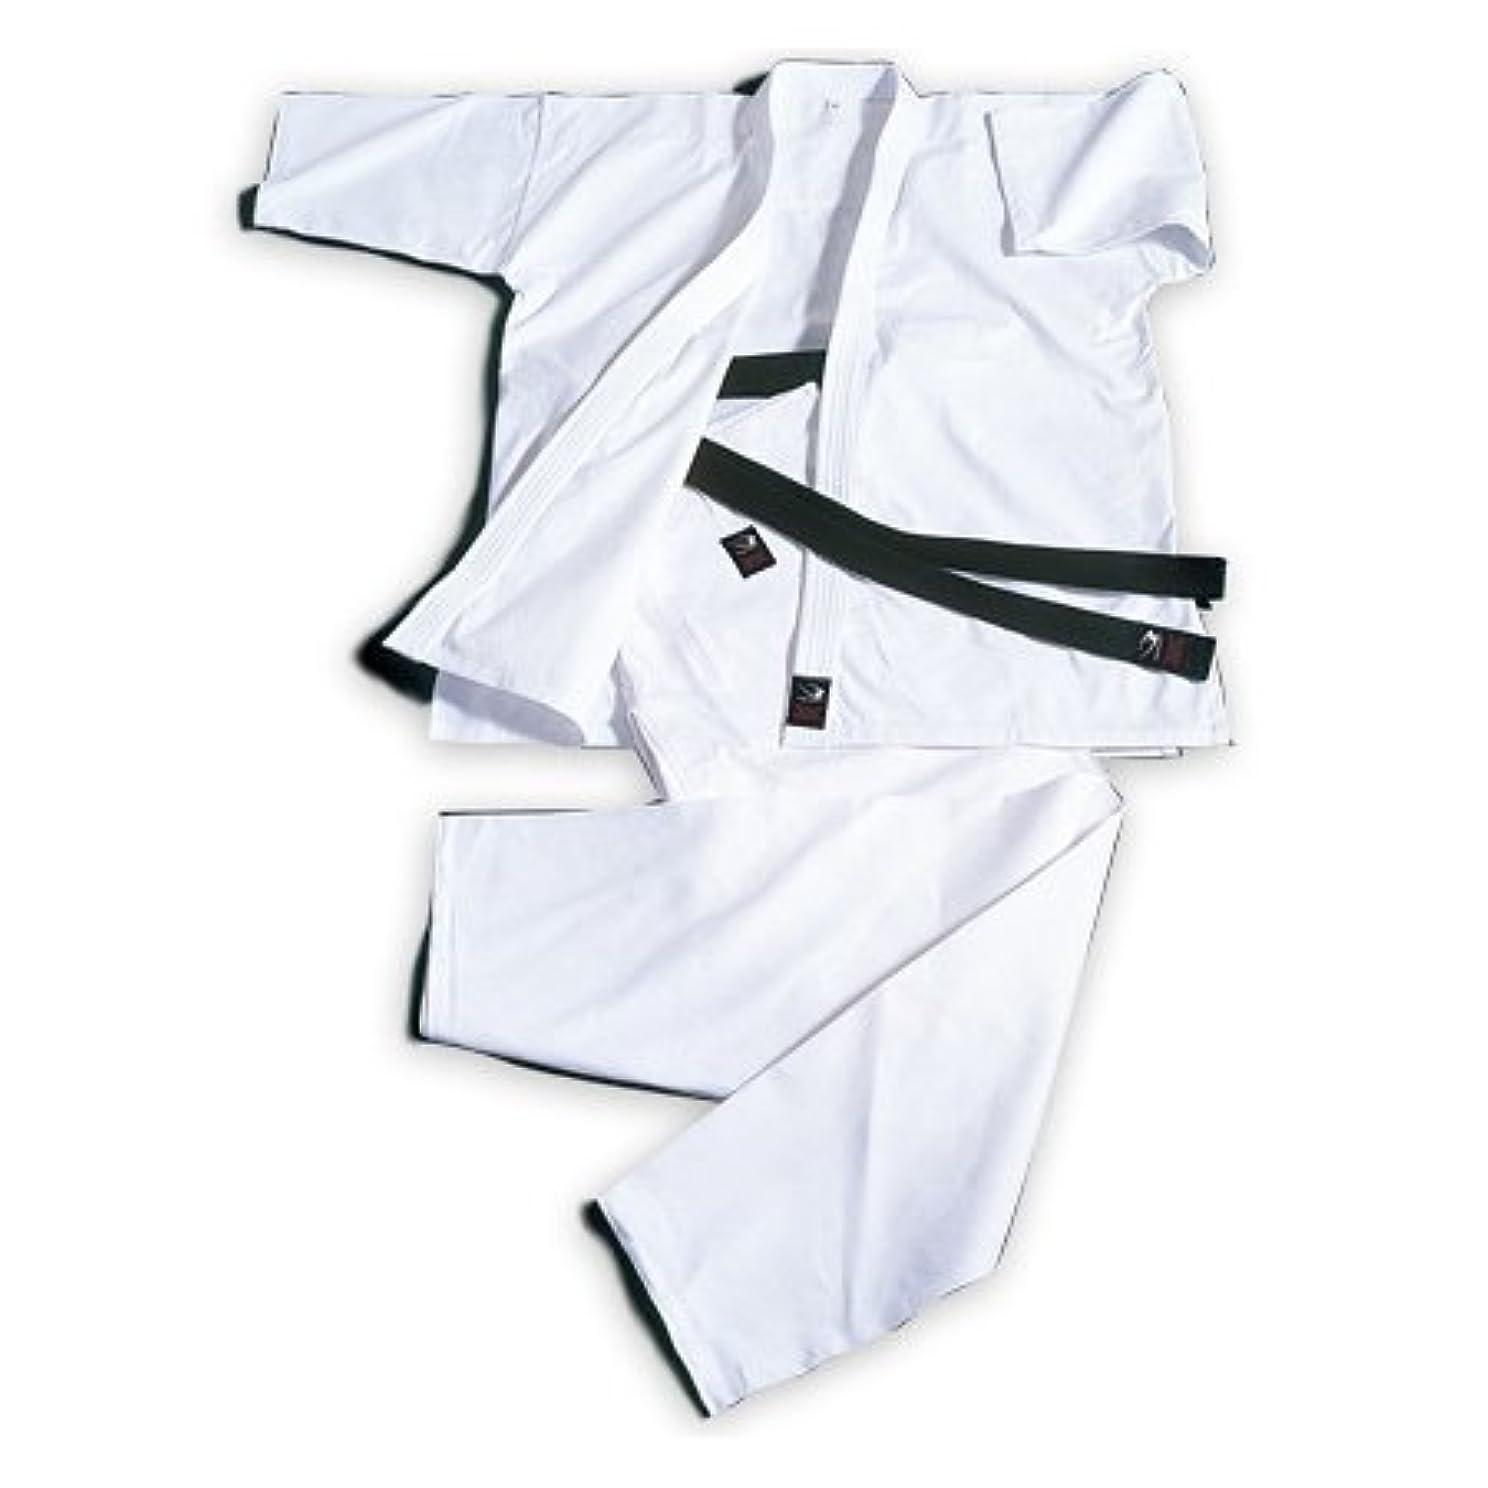 幻想的統合勤勉なISAMI(イサミ) 極真ドライTシャツ A-KW-340 白 M